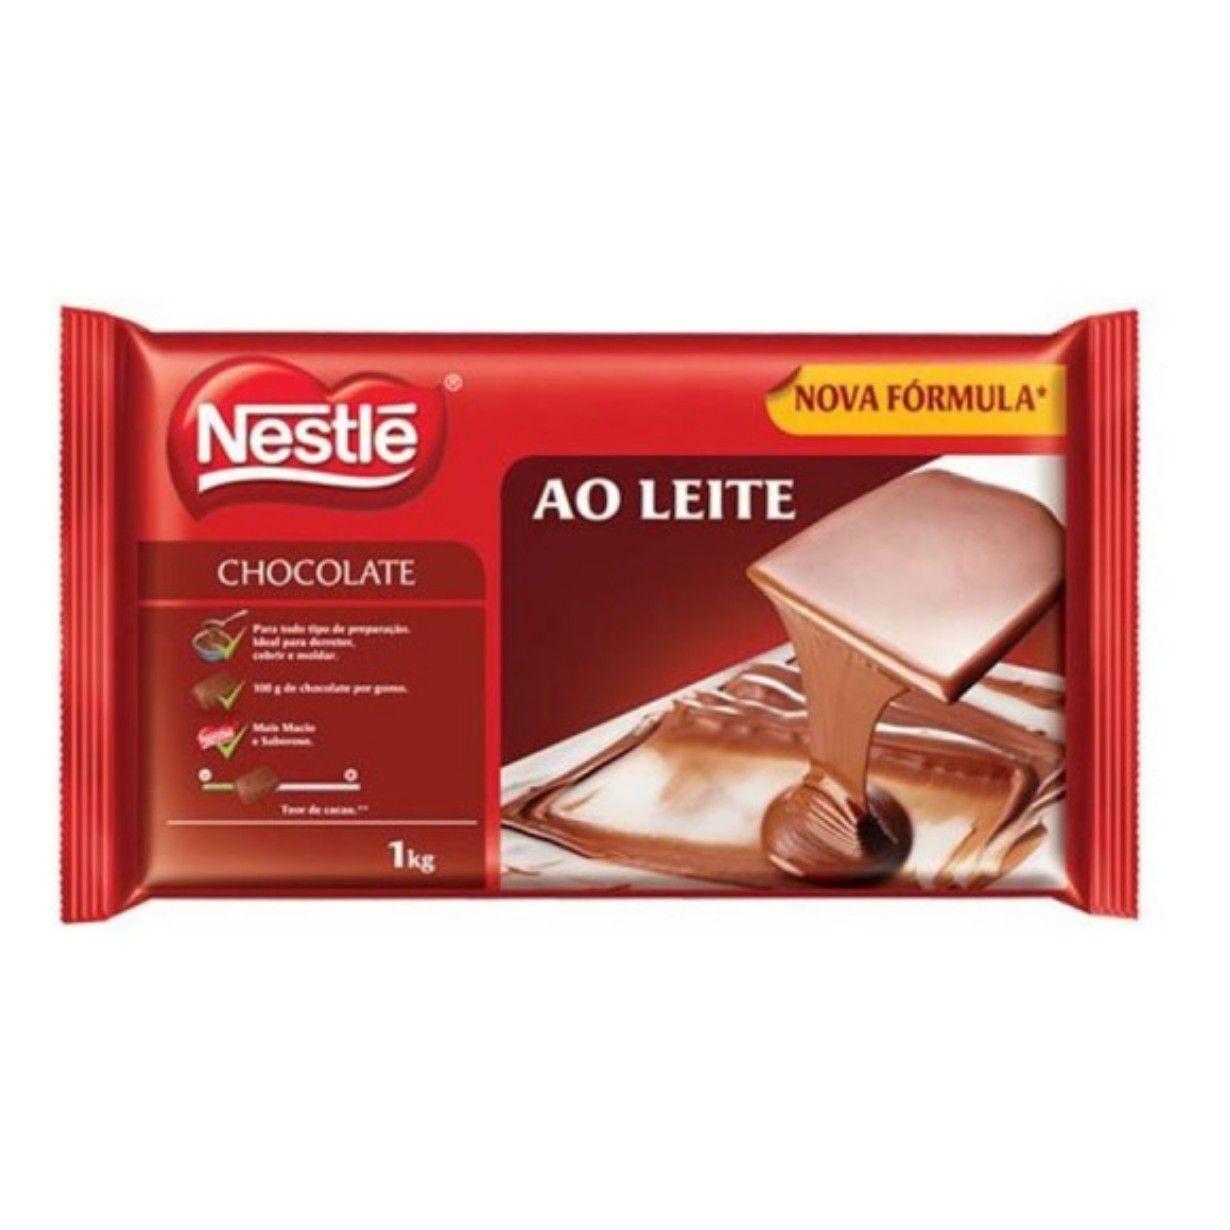 CHOCOLATE NESTLE 1KG ESCOLHA O SABOR